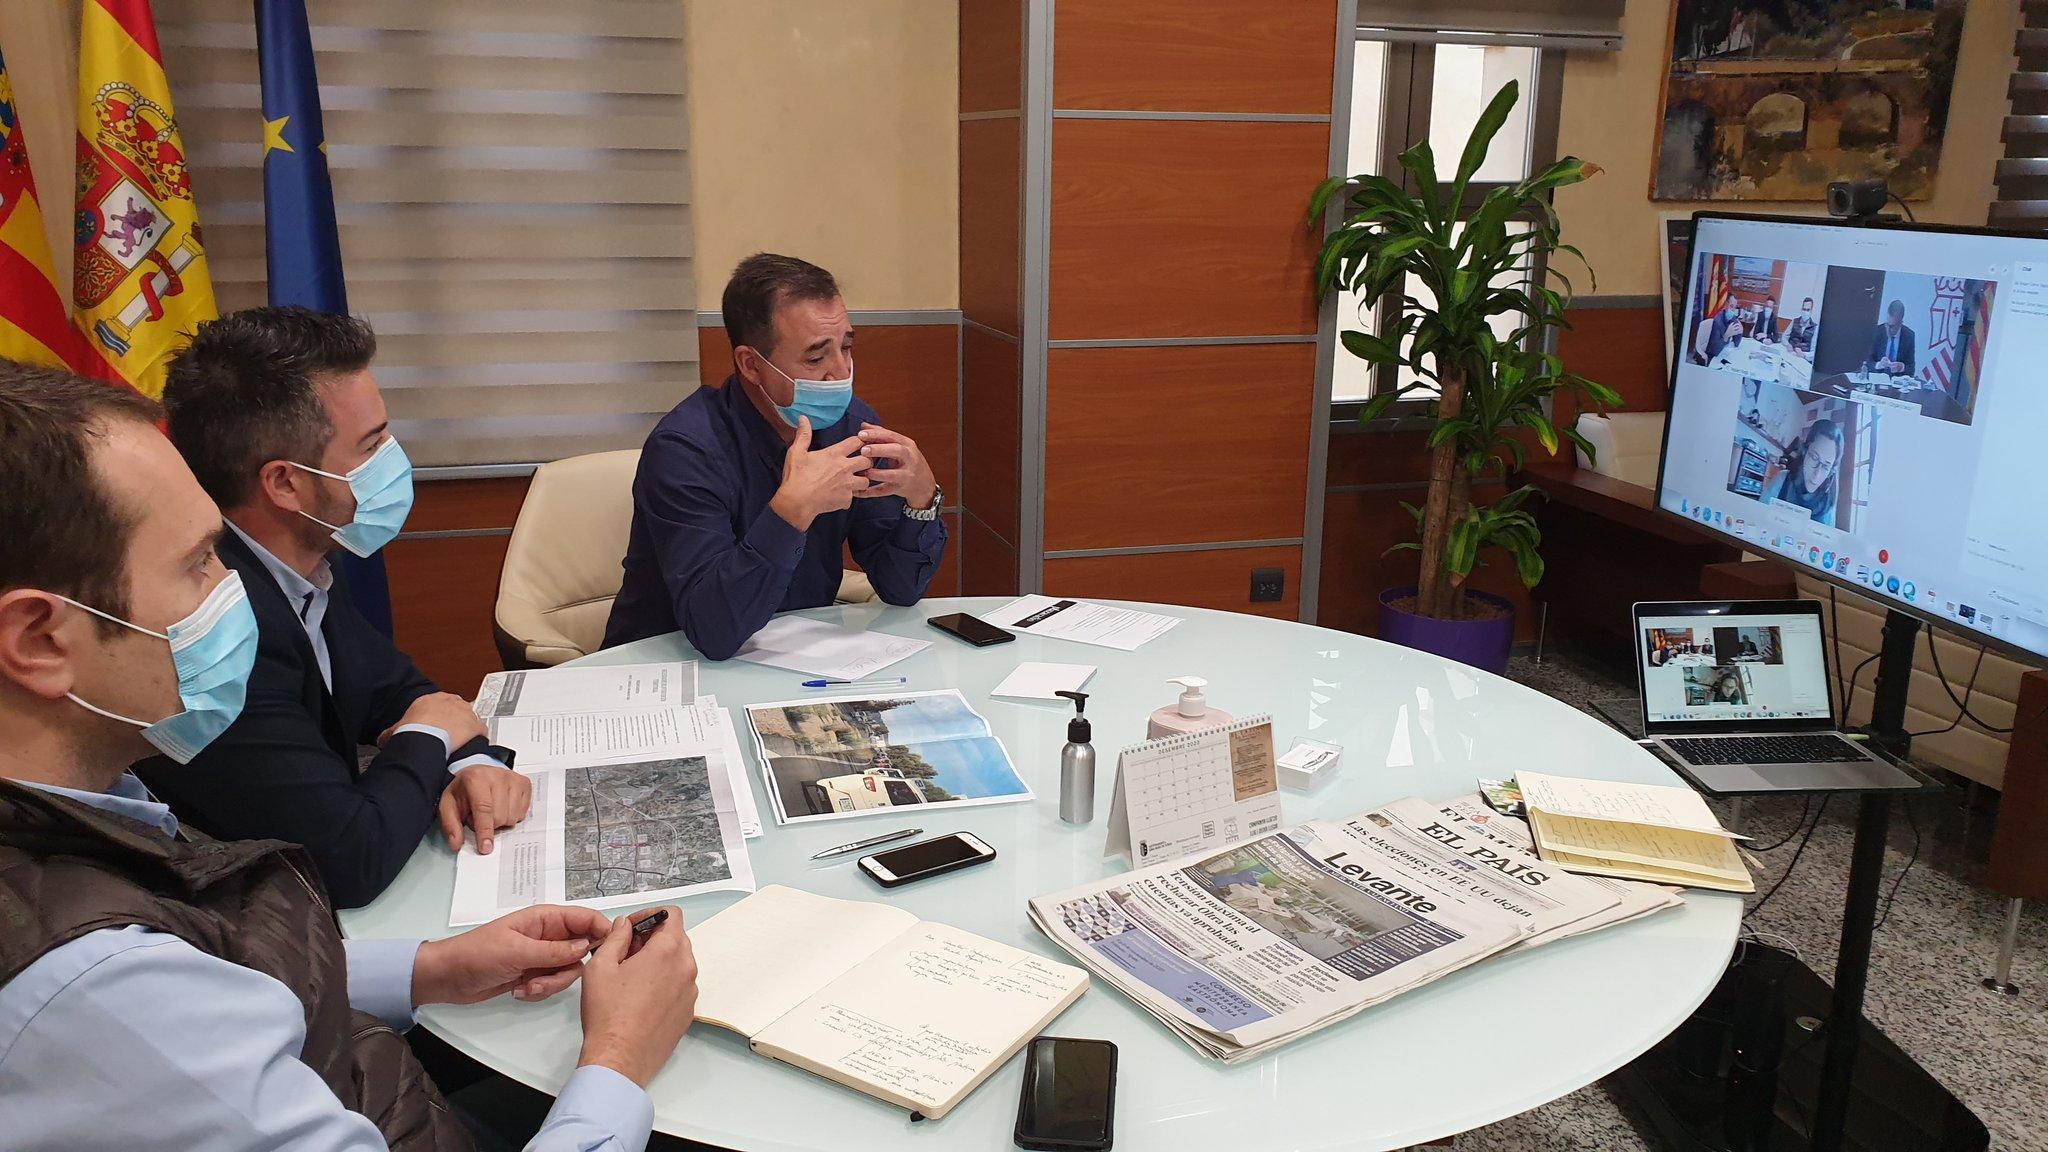 El alcalde de Loriguilla se reúne con el Conseller de Política Territorial para plantear una renovación de las infraestructuras que mejore la actividad económica del área industrial